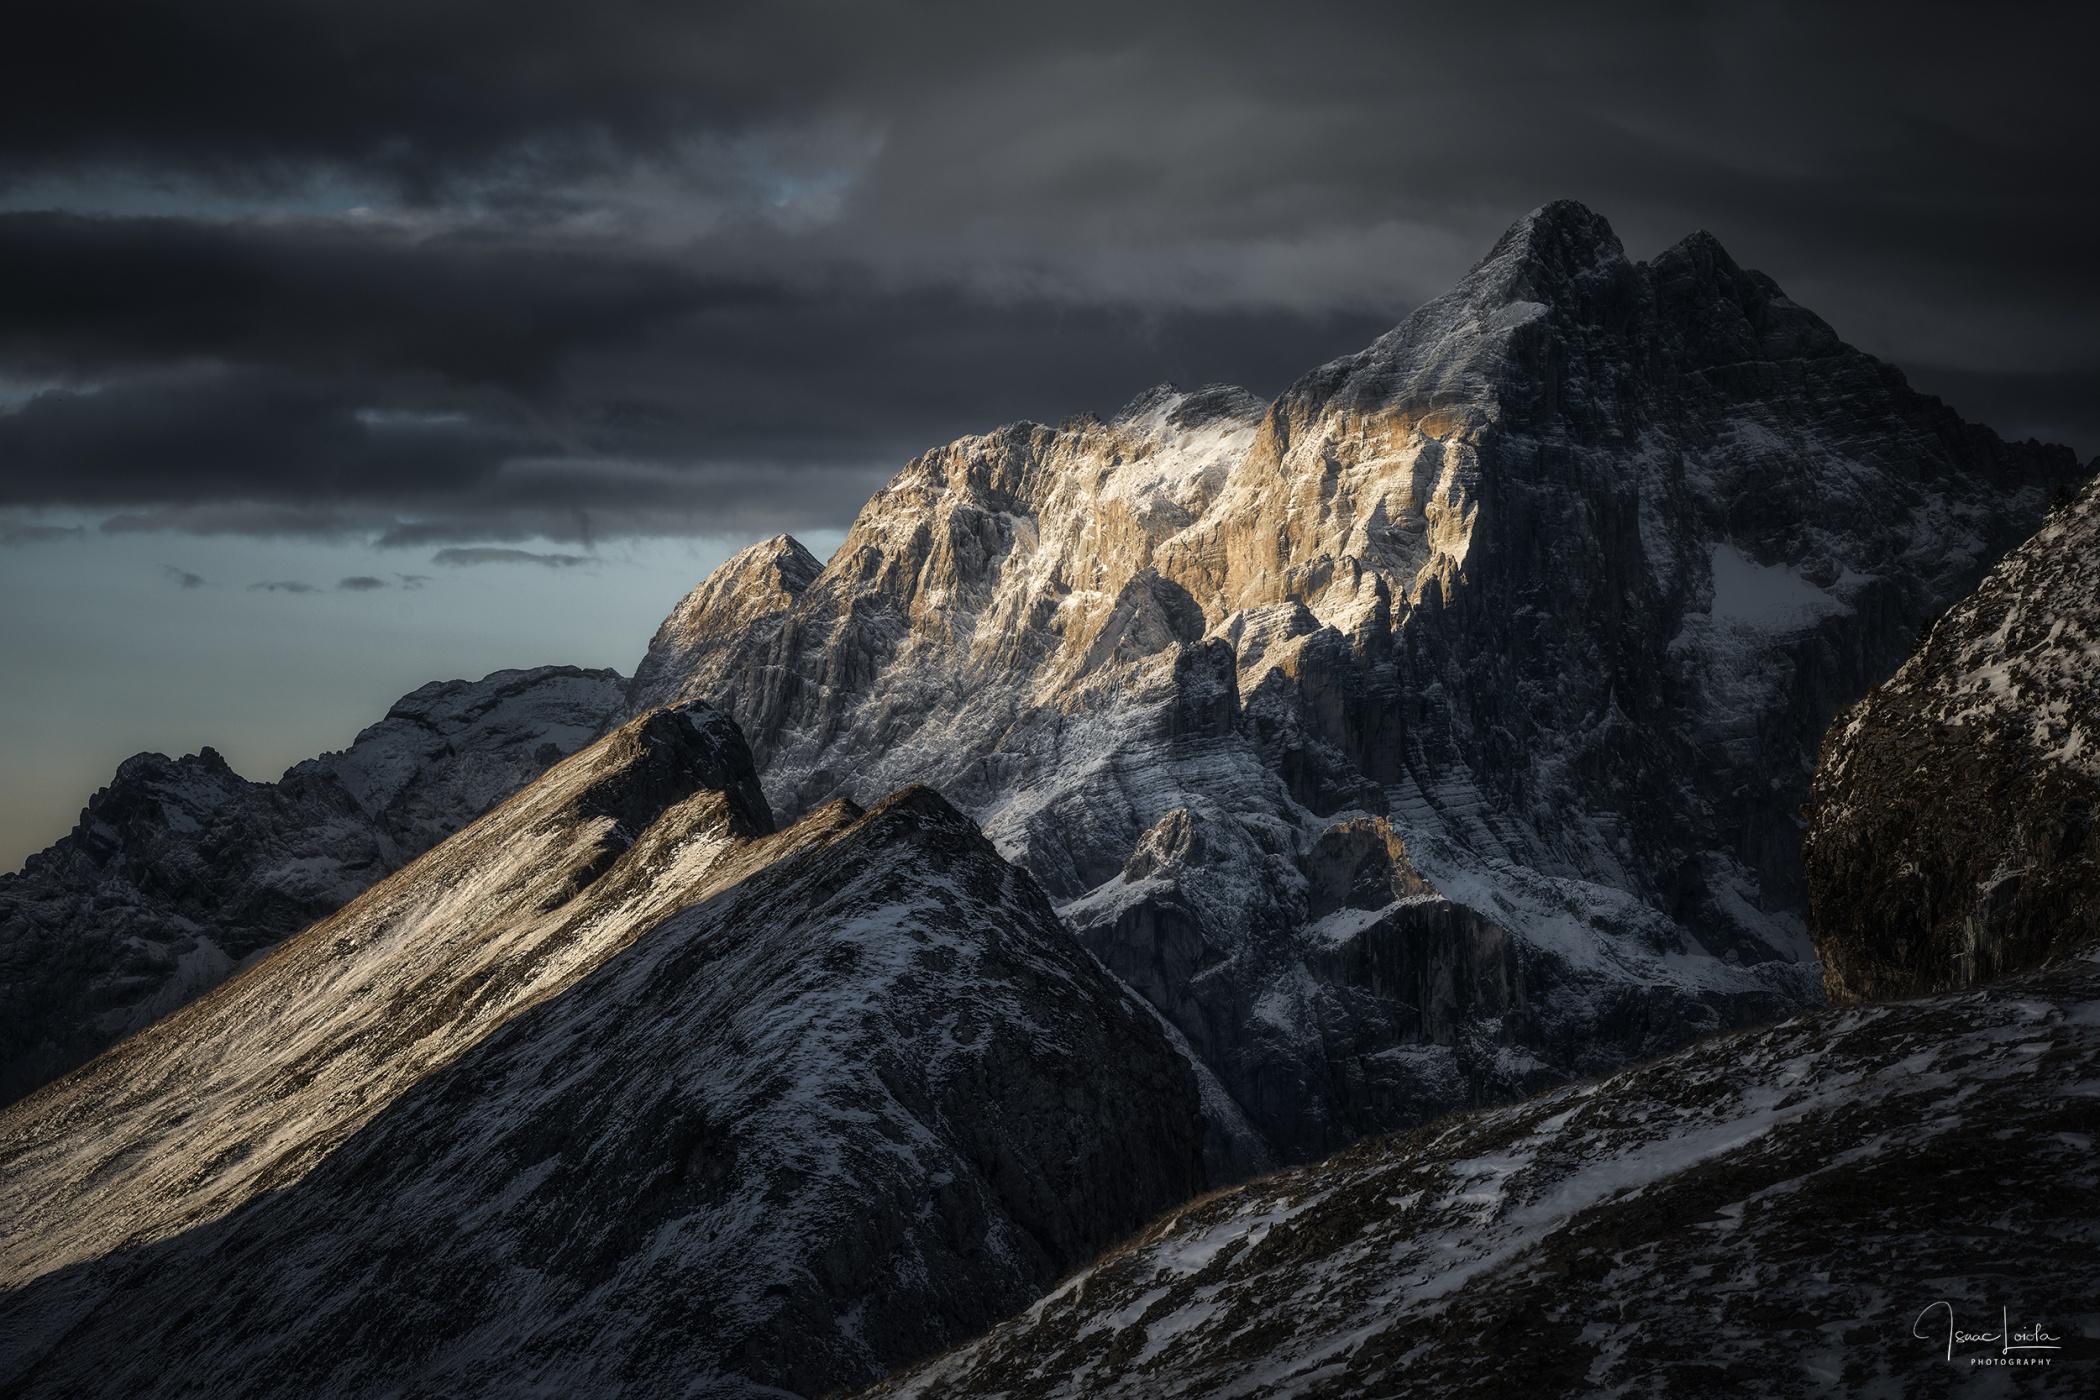 Civetta - Luces de montaña - Isaac Loiola, Photography